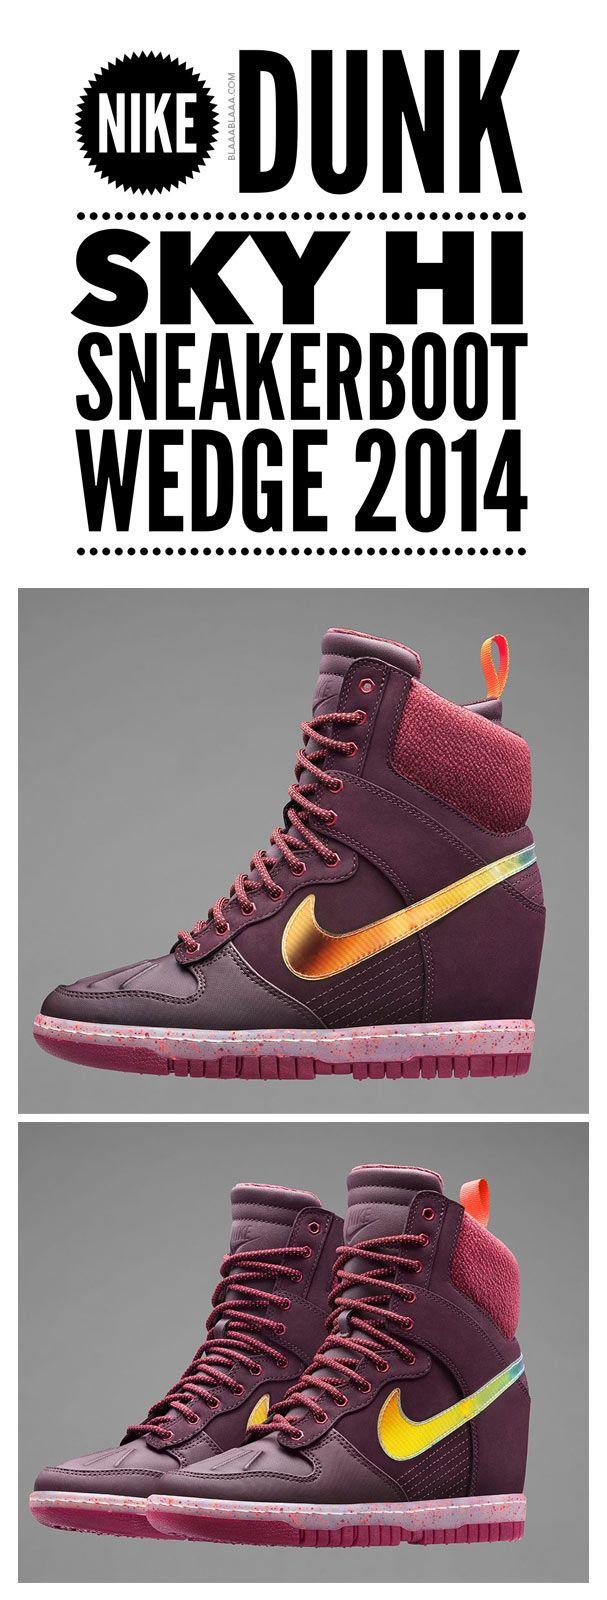 Nike Dunk Sky Hi Sneakerboot Wedge | The House of Beccaria~